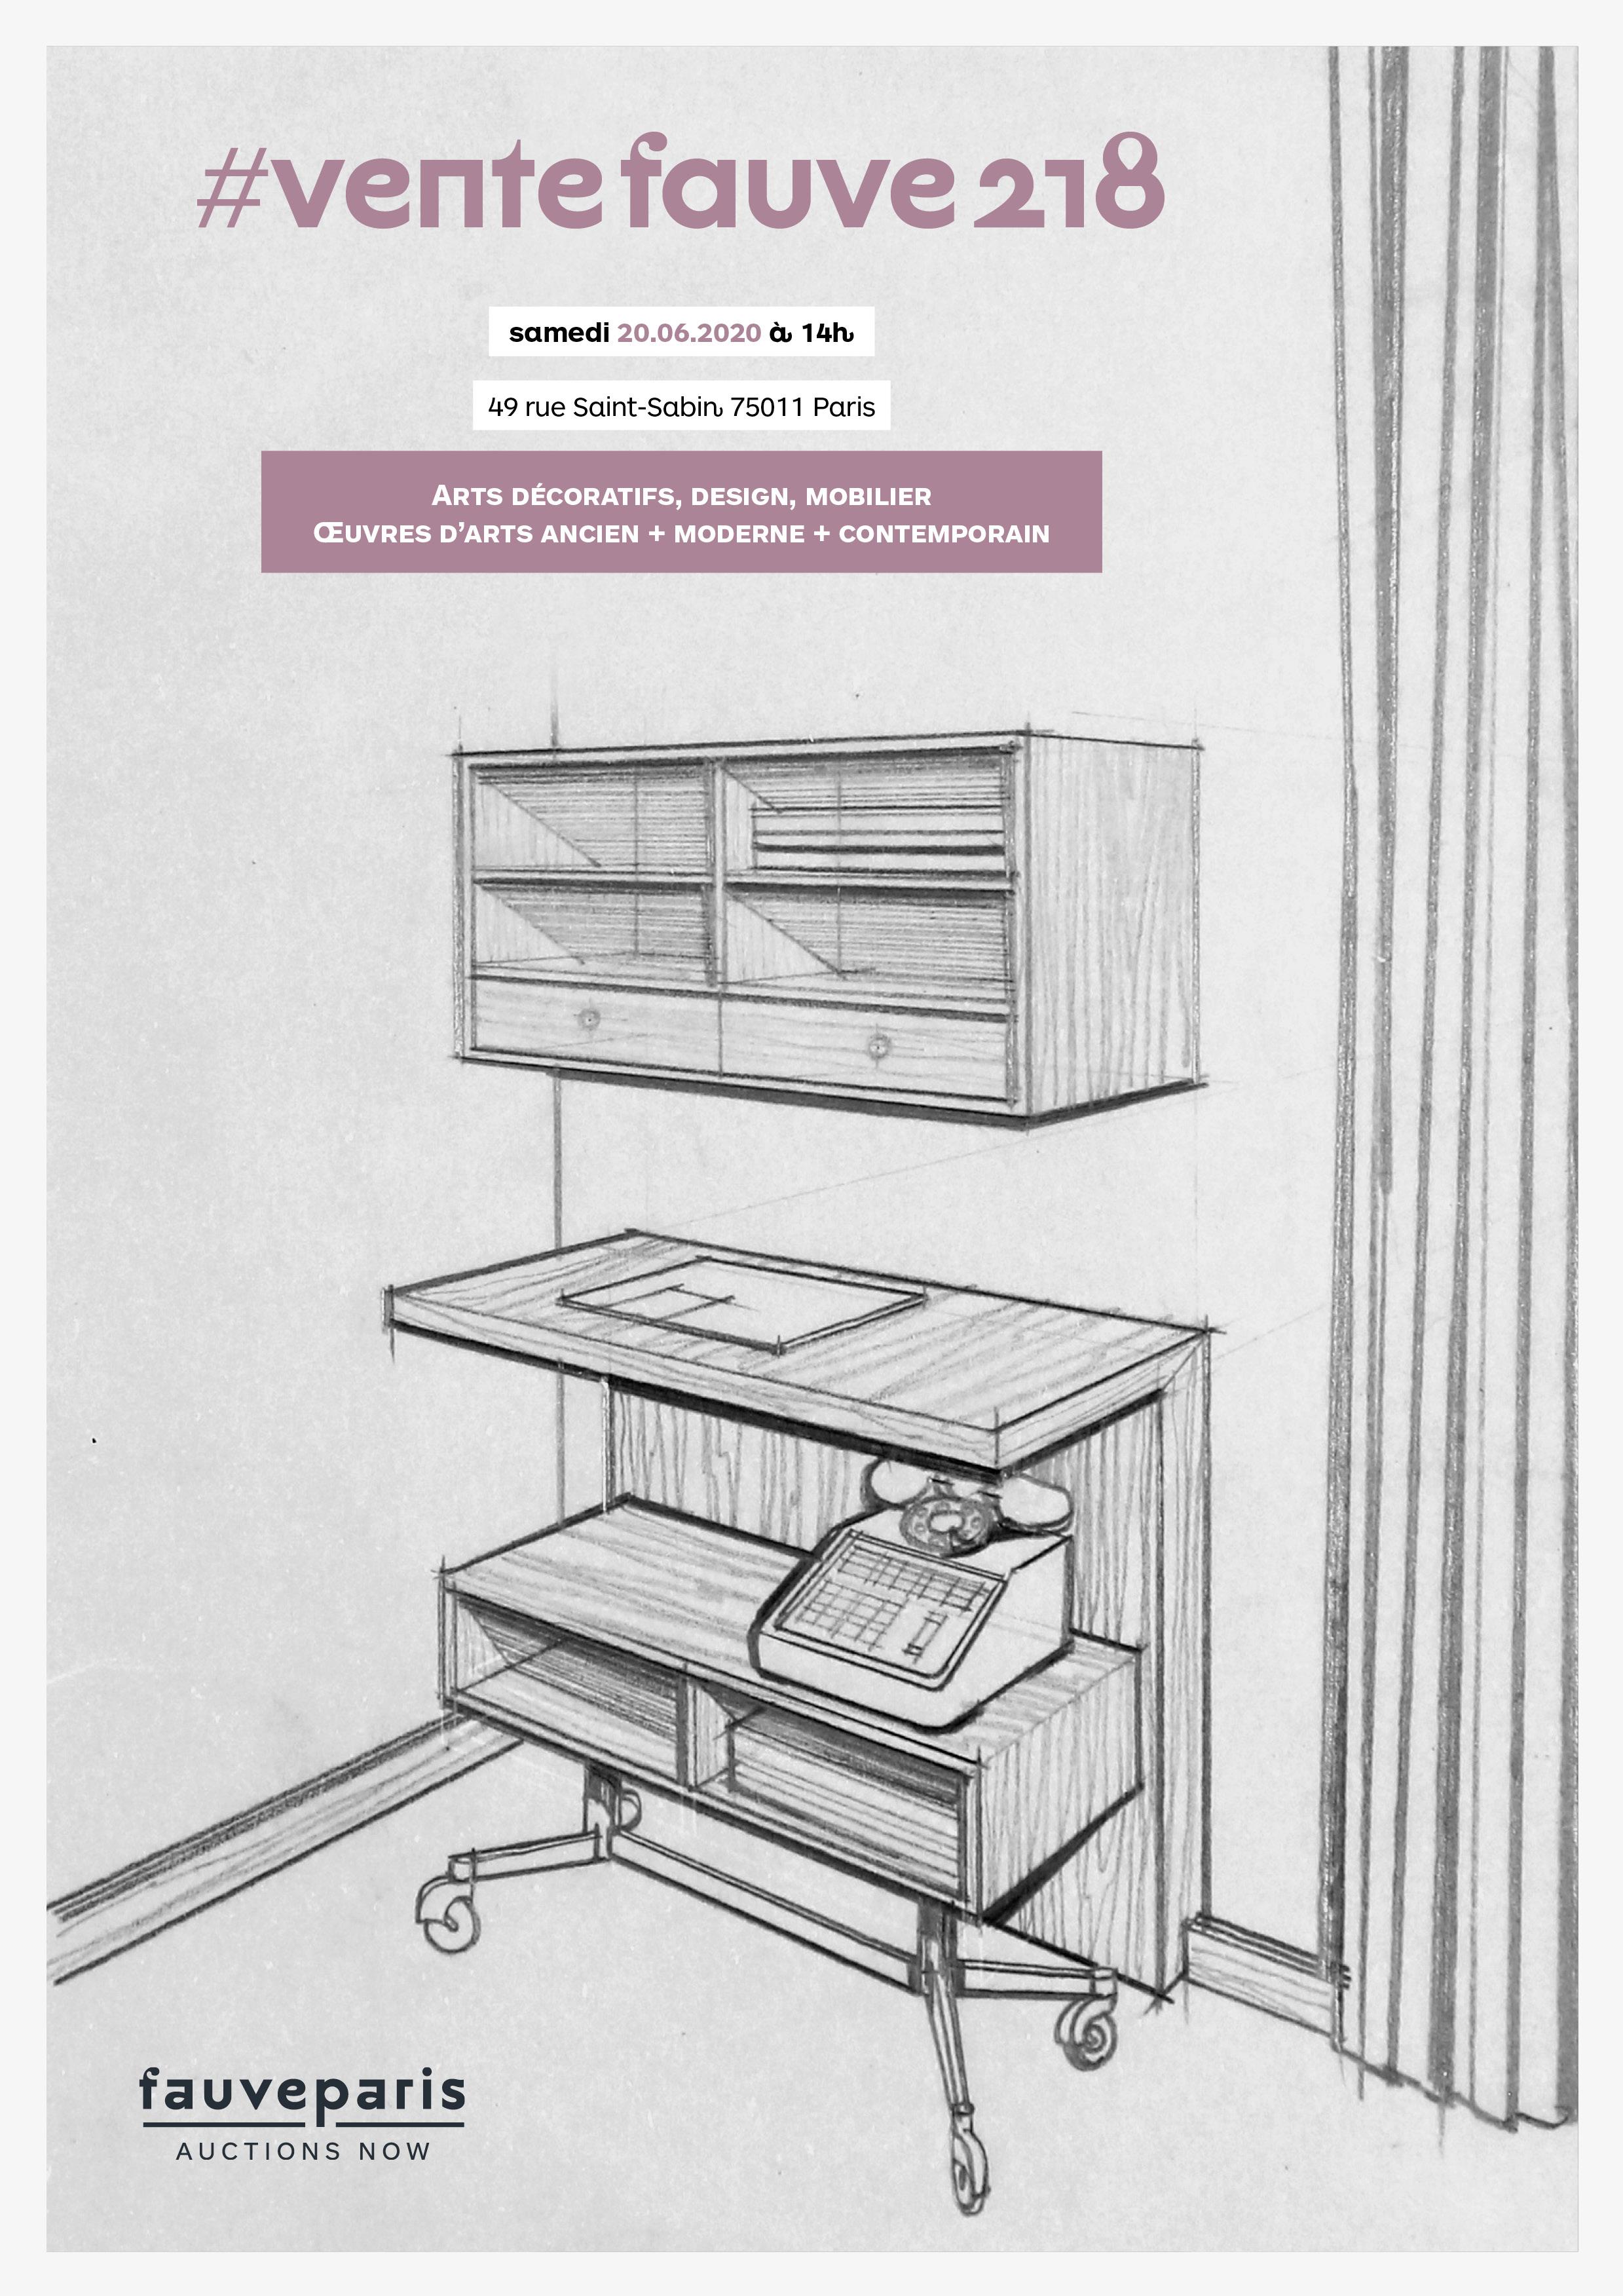 Vente #VenteFauve218 : Arts Décoratifs, Design, Mobilier, Œuvres d'Arts ancien, moderne, contemporain chez FauveParis : 88 lots